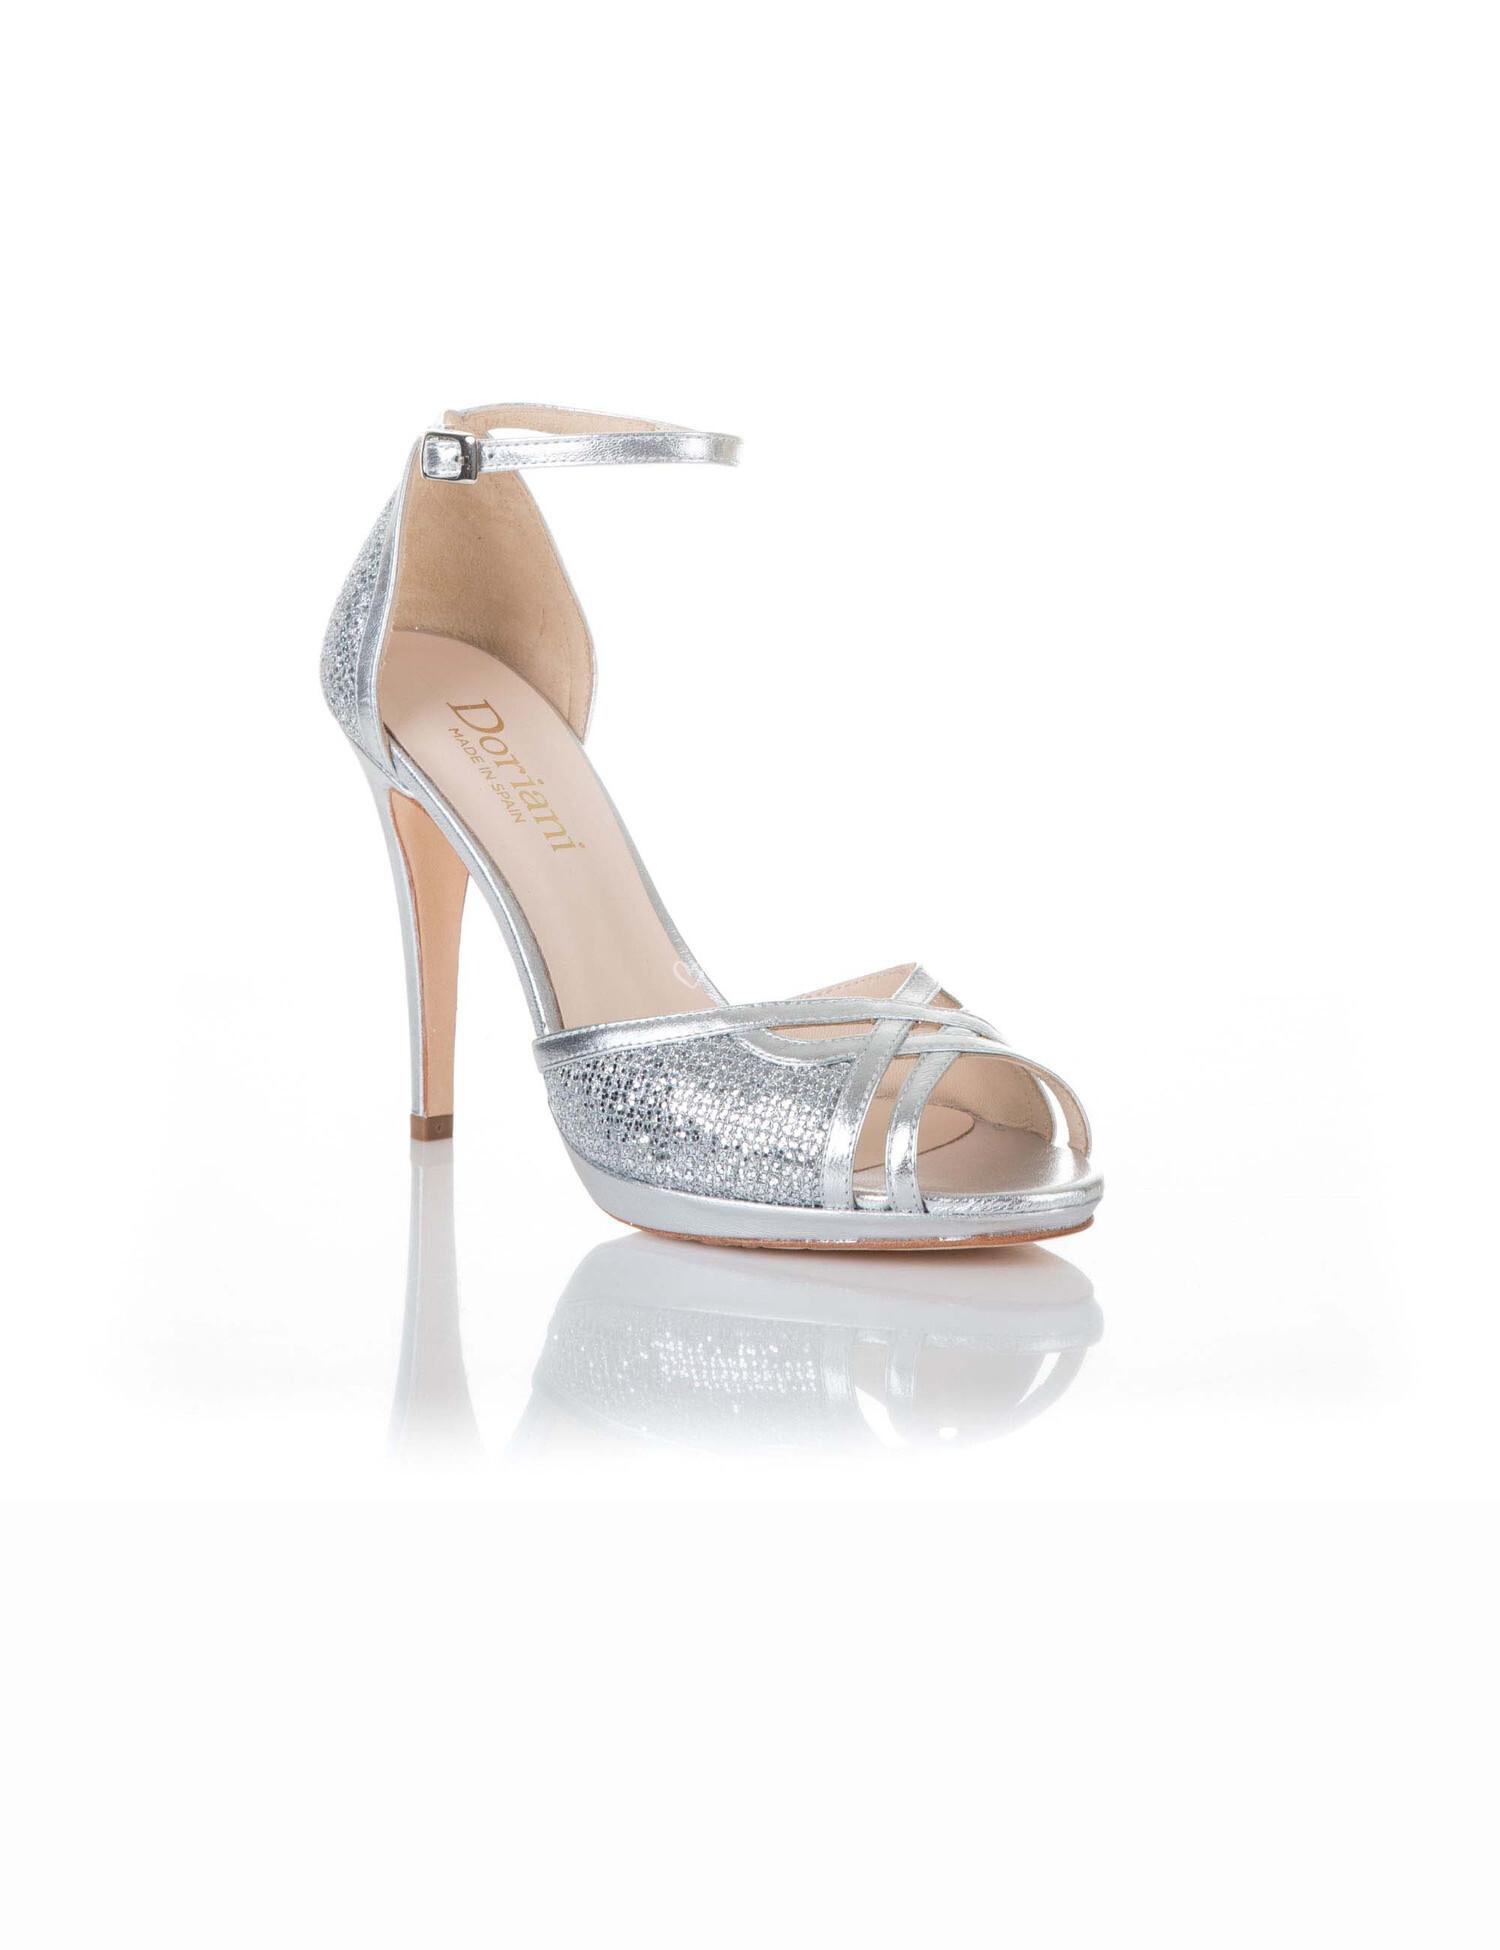 online aquí precio justo 100% genuino Zapato de Doriani - GLITTER LADY PLATA